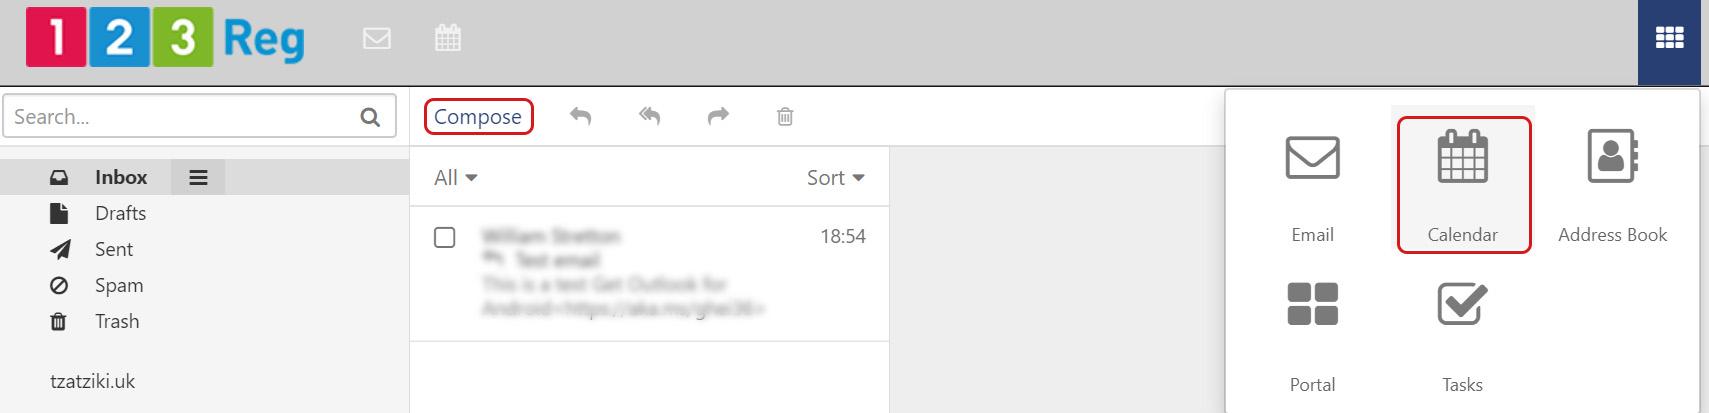 Basic Email